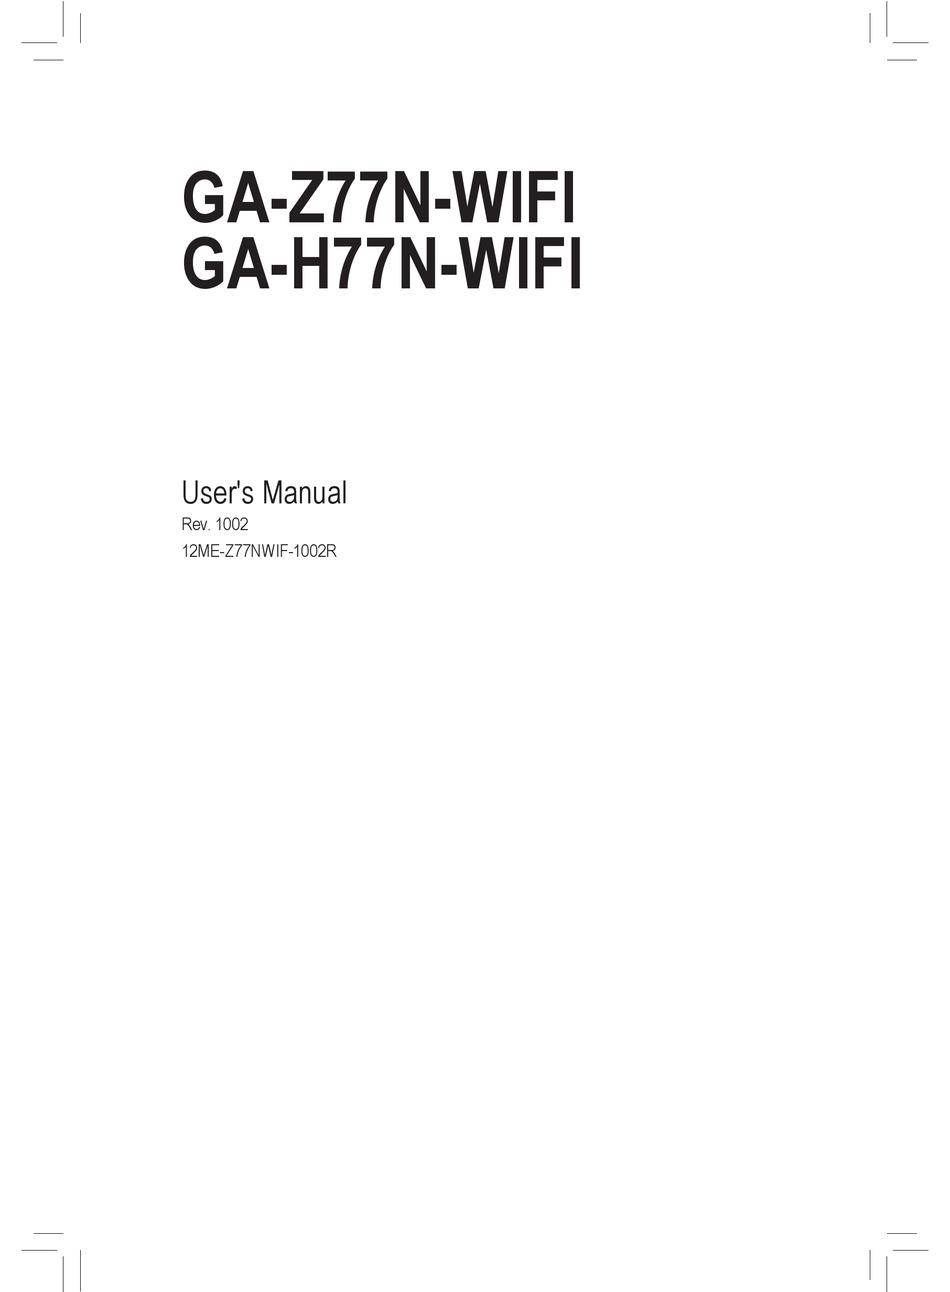 A wifi g